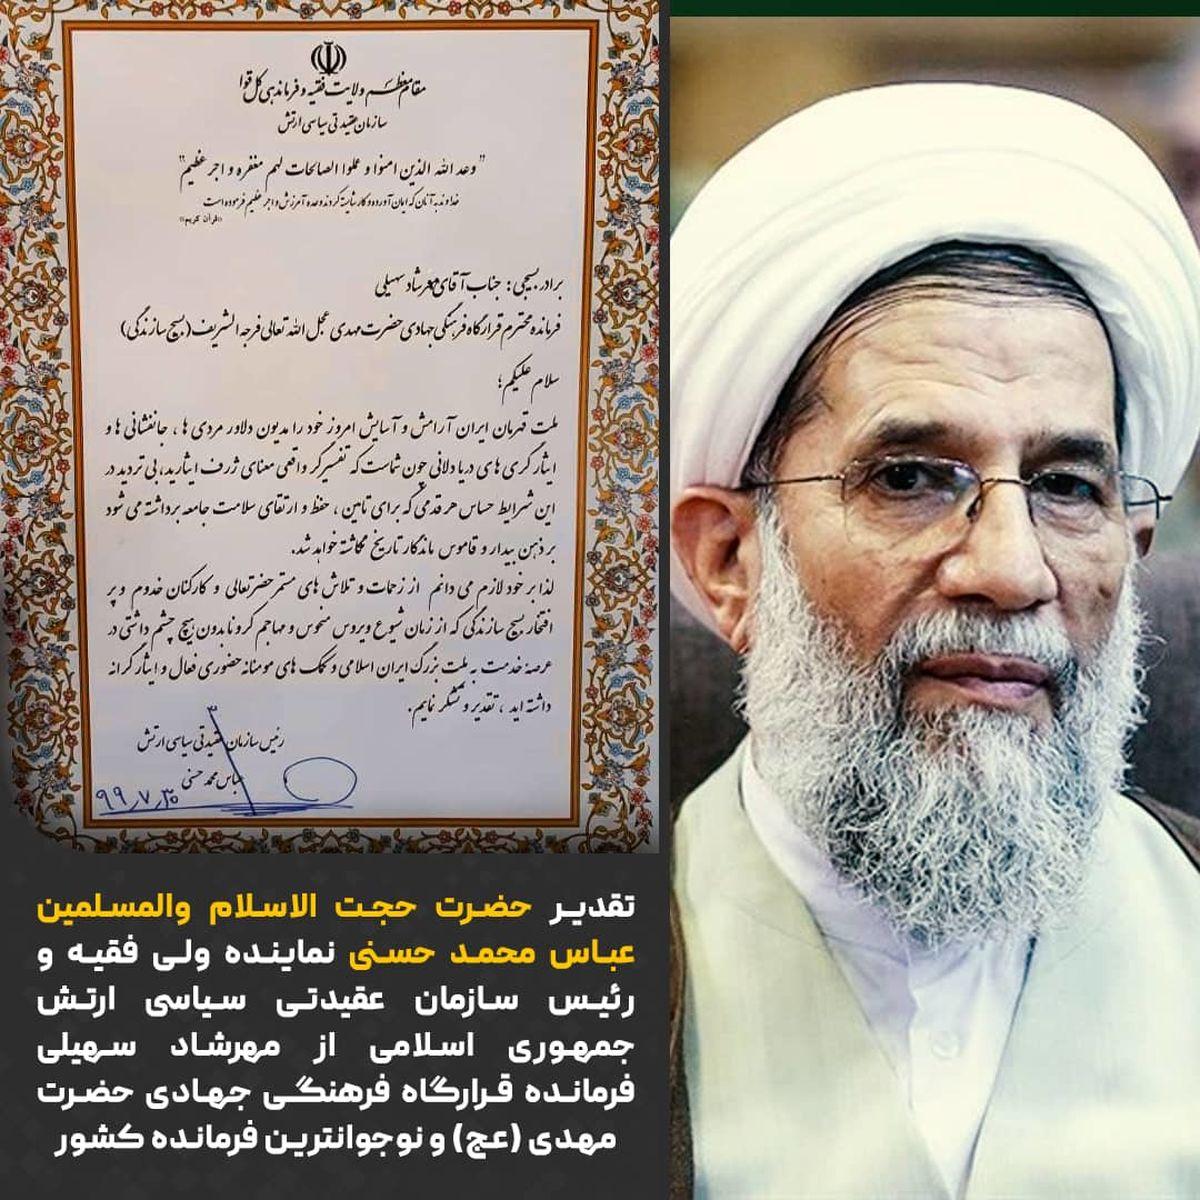 تقدیر رئیس عقیدتی سیاسی ارتش جمهوری اسلامی از نوجوانترین فرمانده کشور